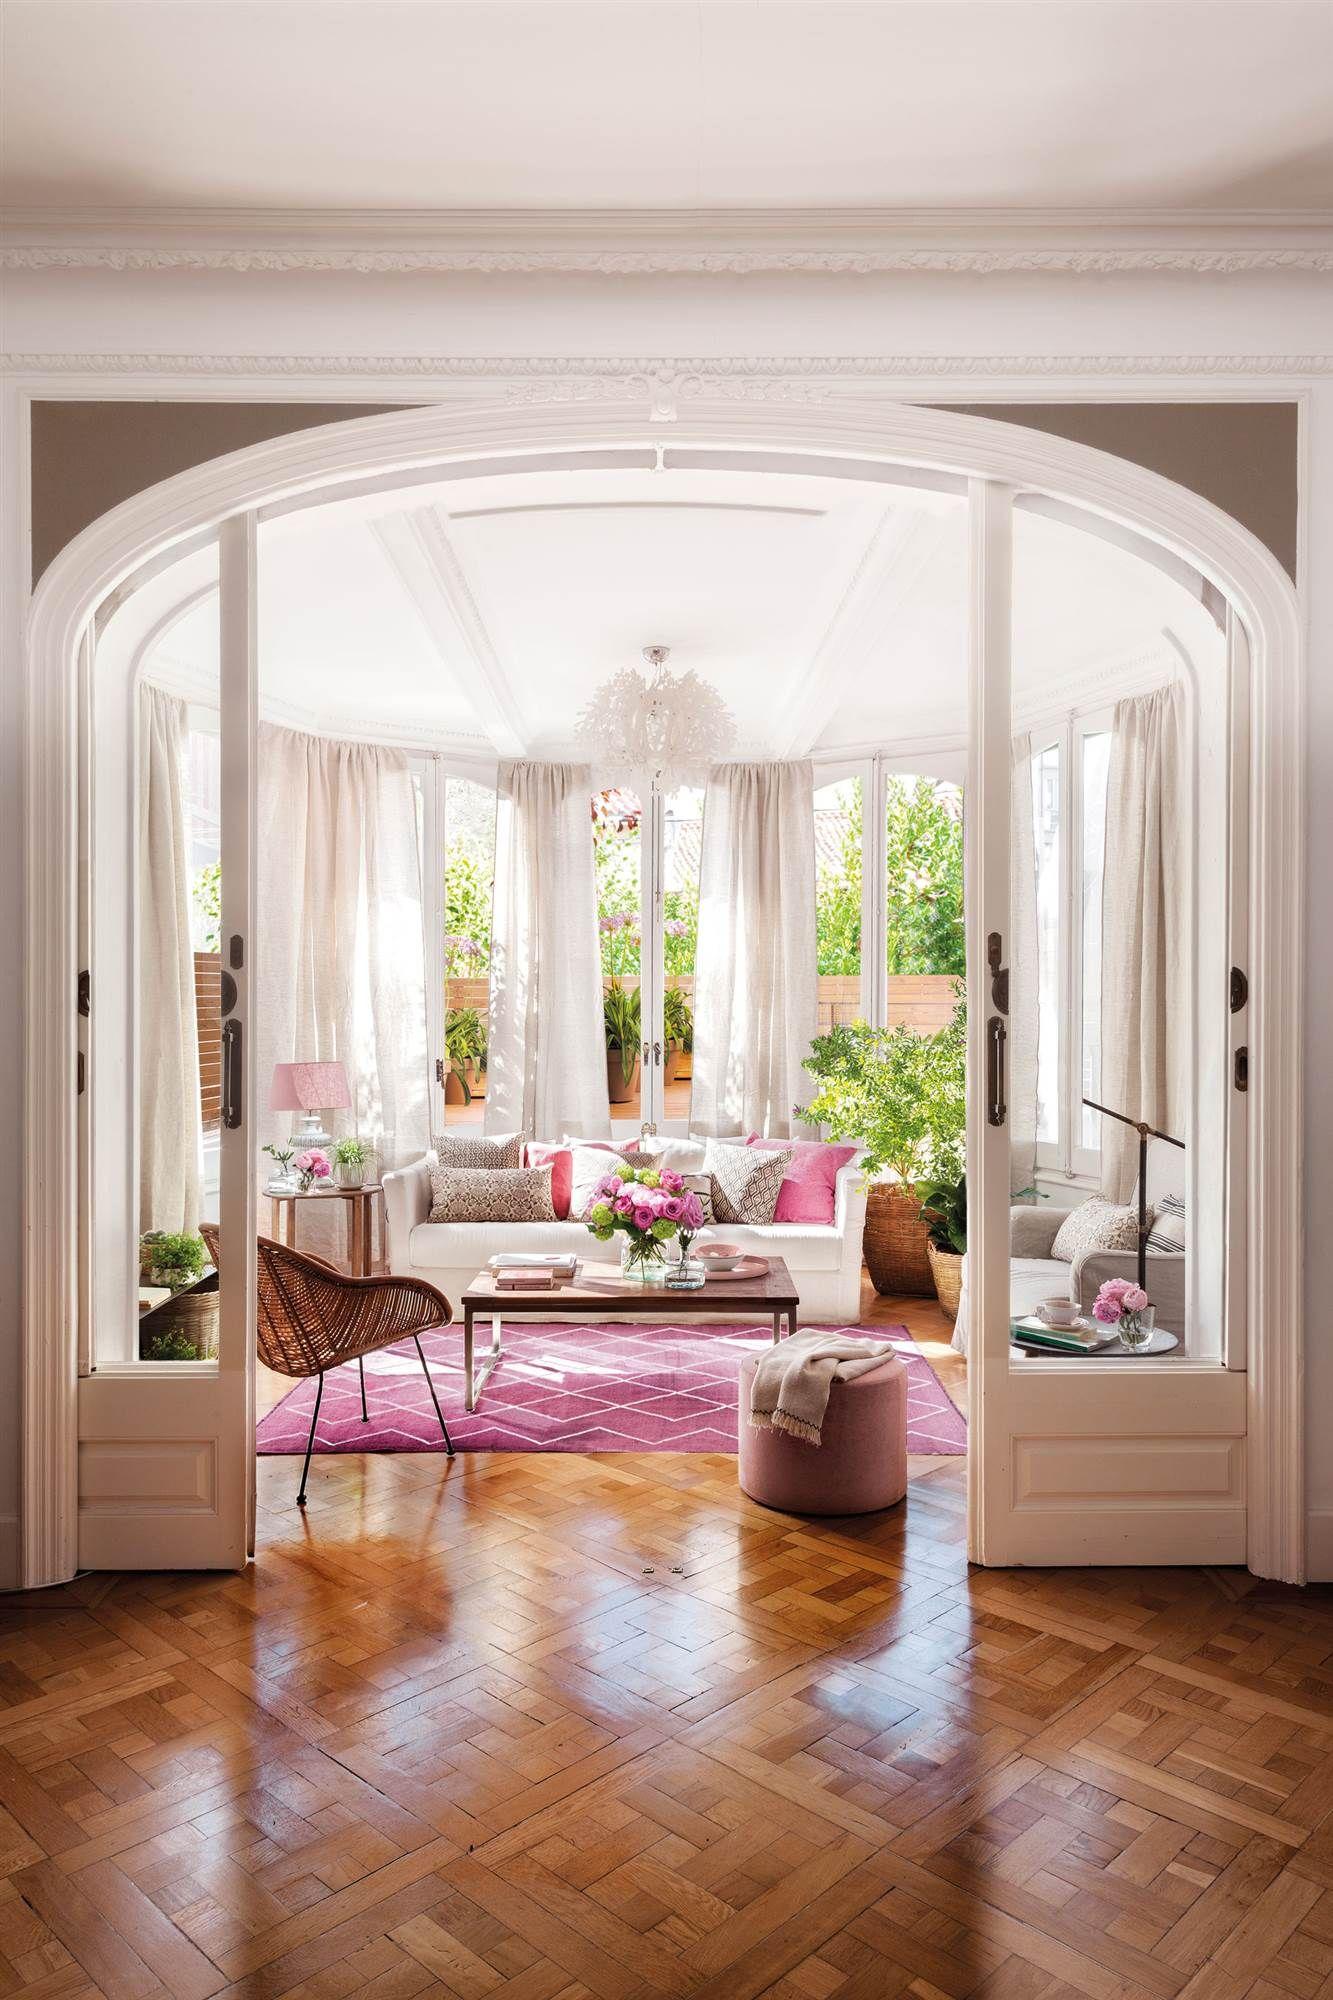 Sal n grande y cl sico decorado en blanco y rosa con for Puertas correderas salon decoracion